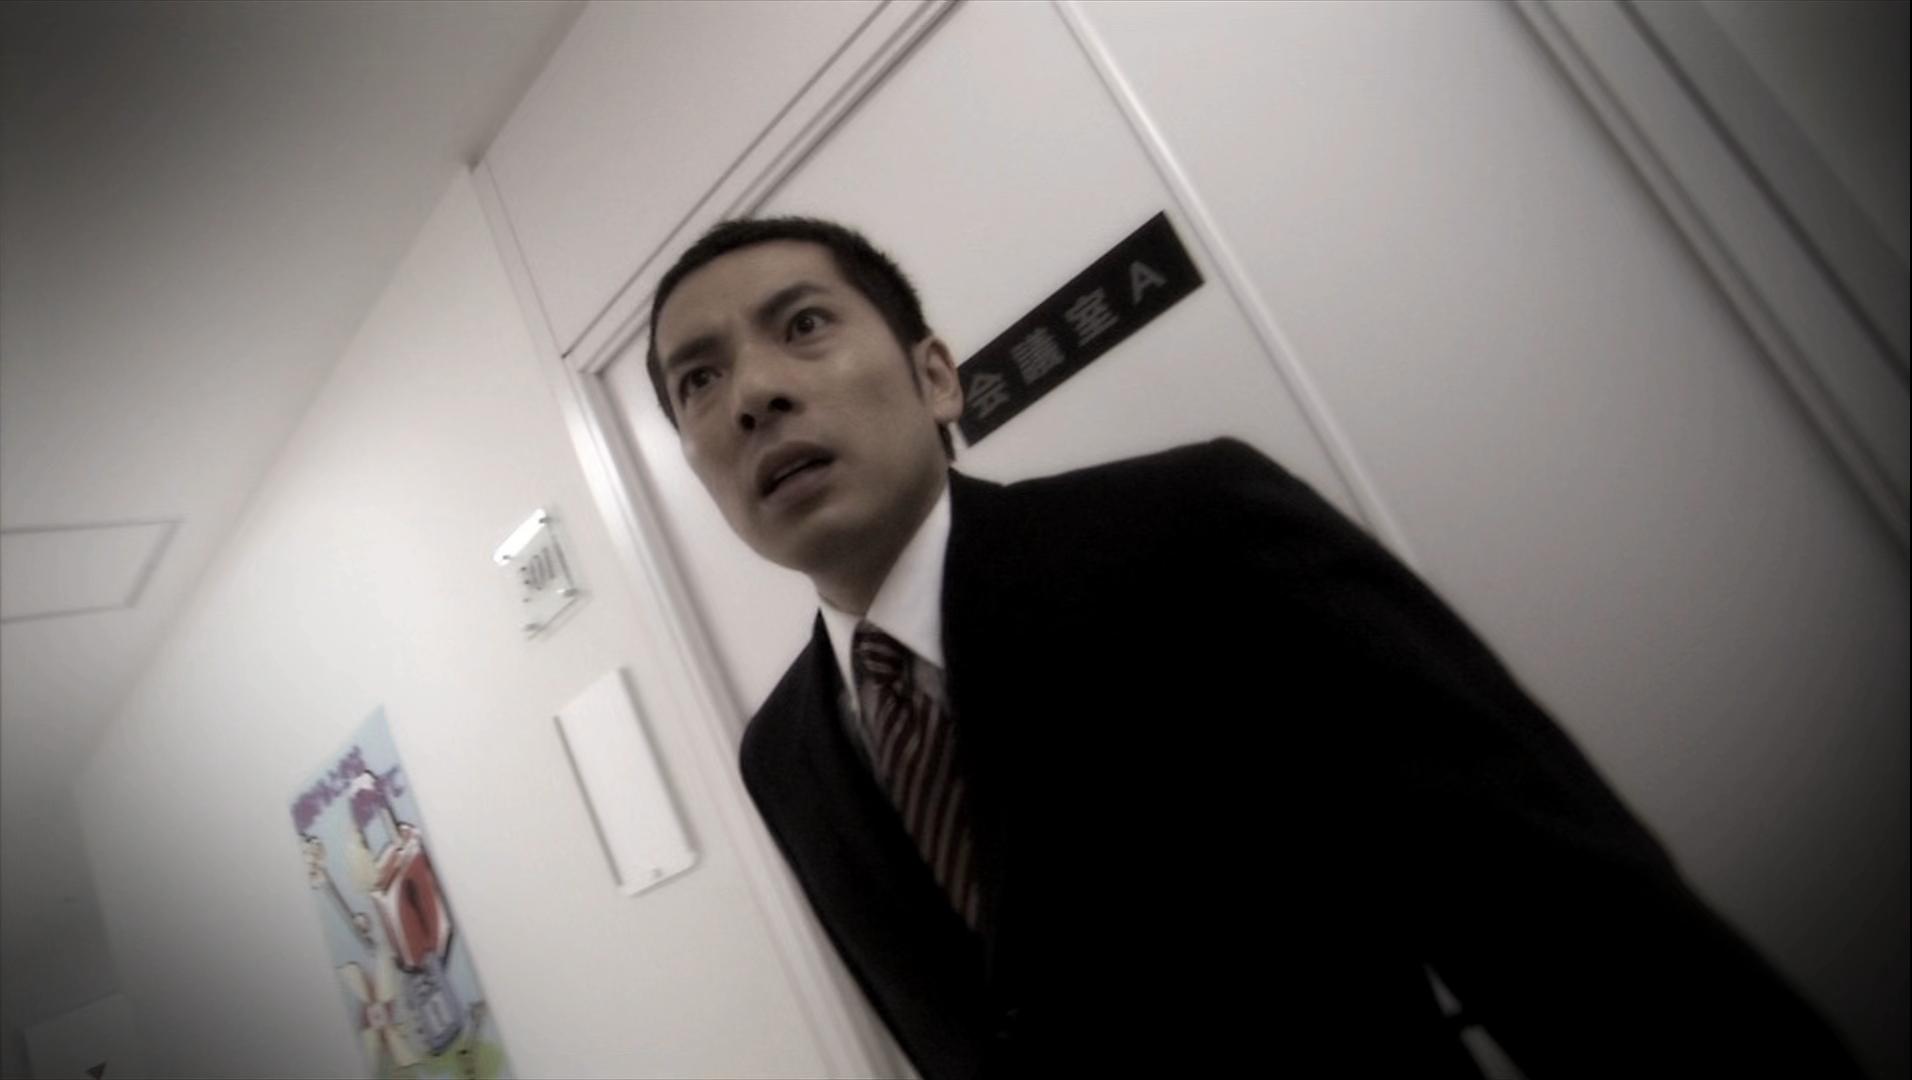 Masaki Mizoguchi